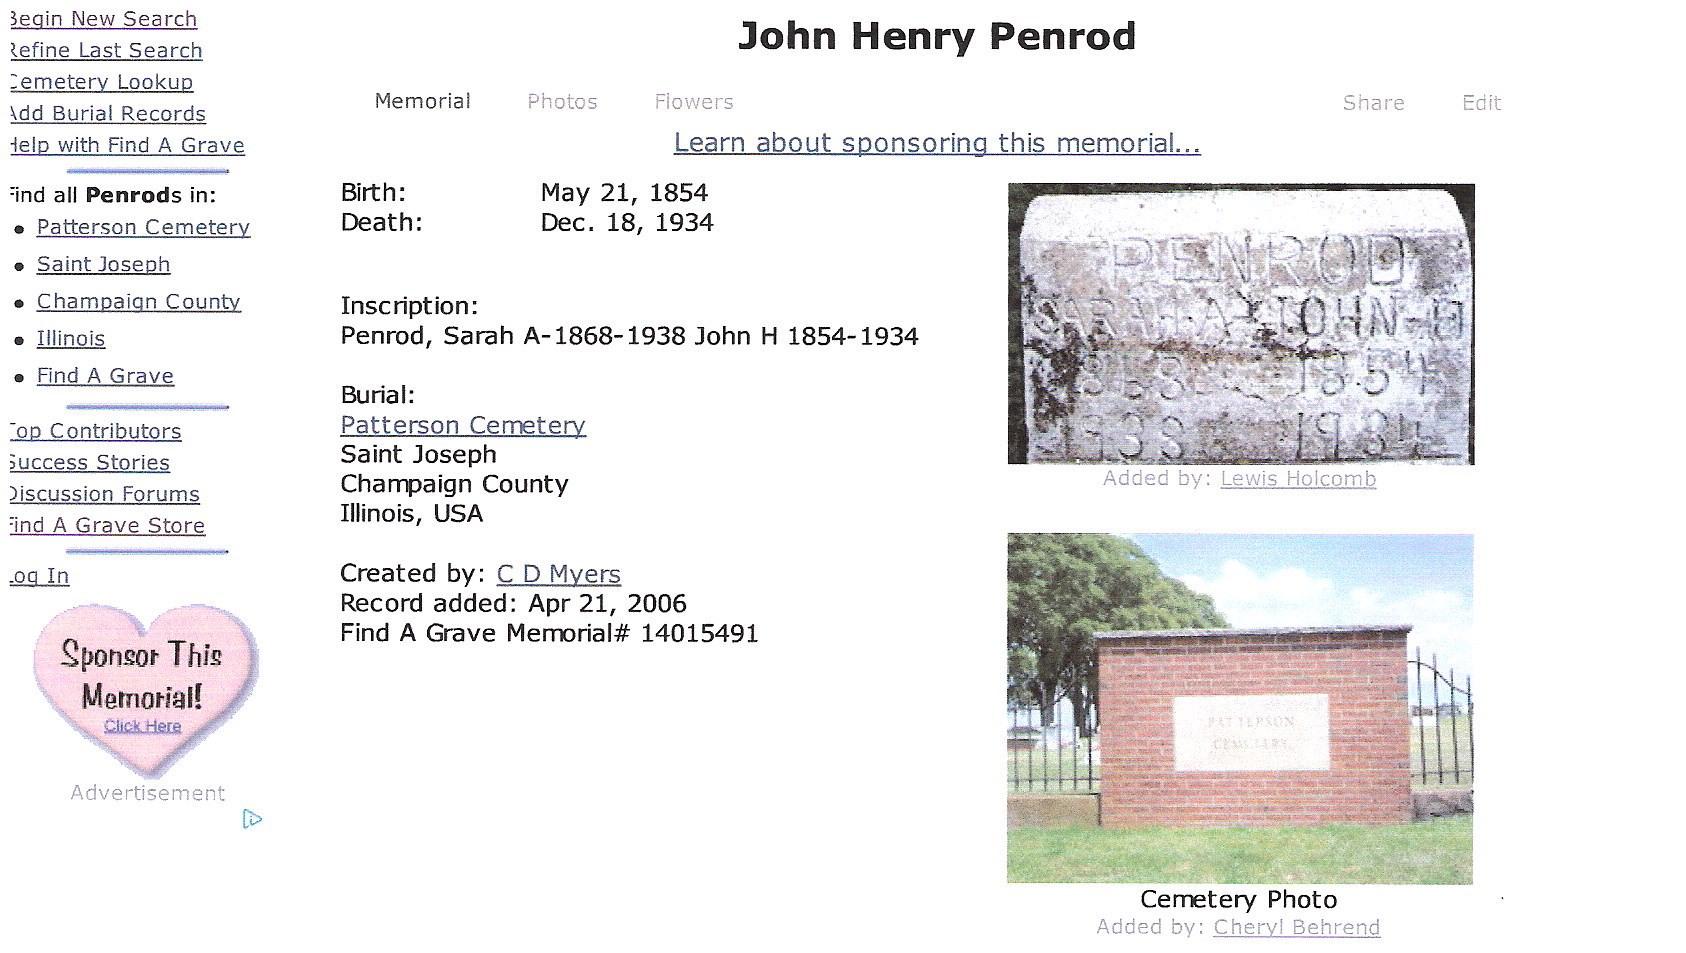 John Henry Penrod